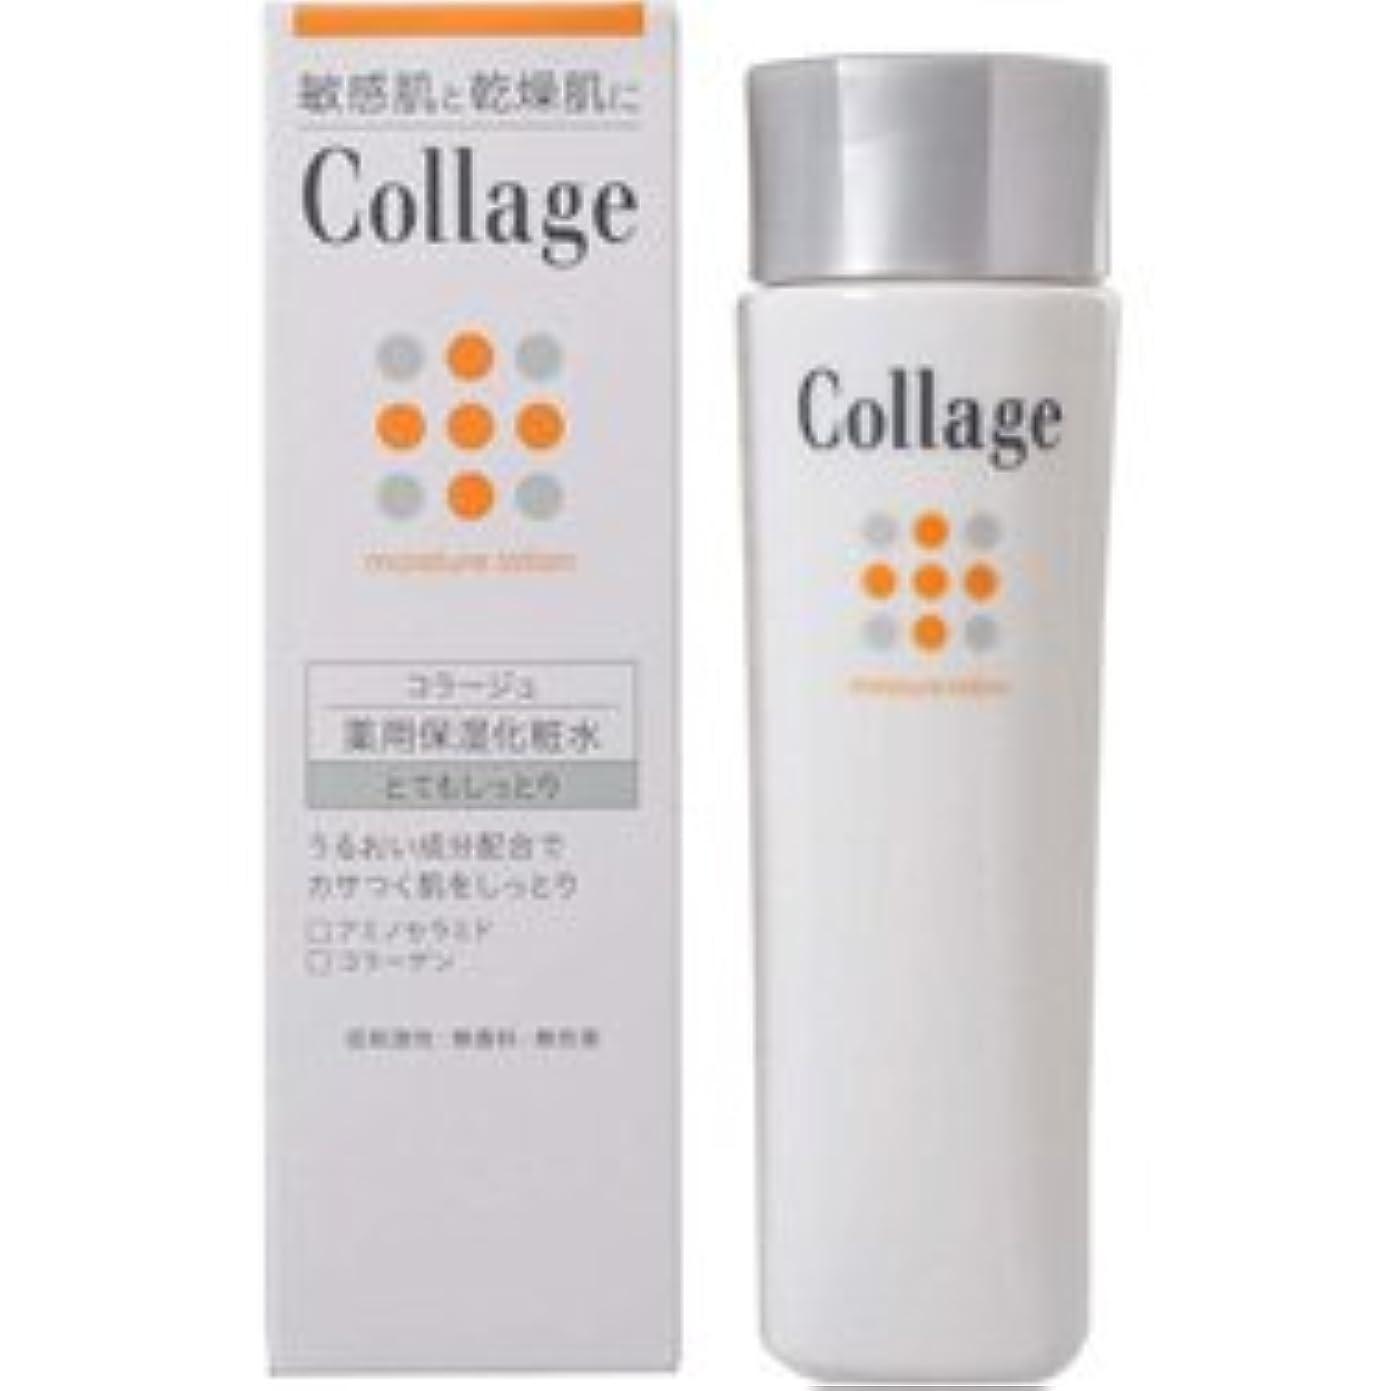 キャストに付ける日付付き【持田ヘルスケア】 コラージュ薬用保湿化粧水 とてもしっとり 120ml (医薬部外品) ×3個セット